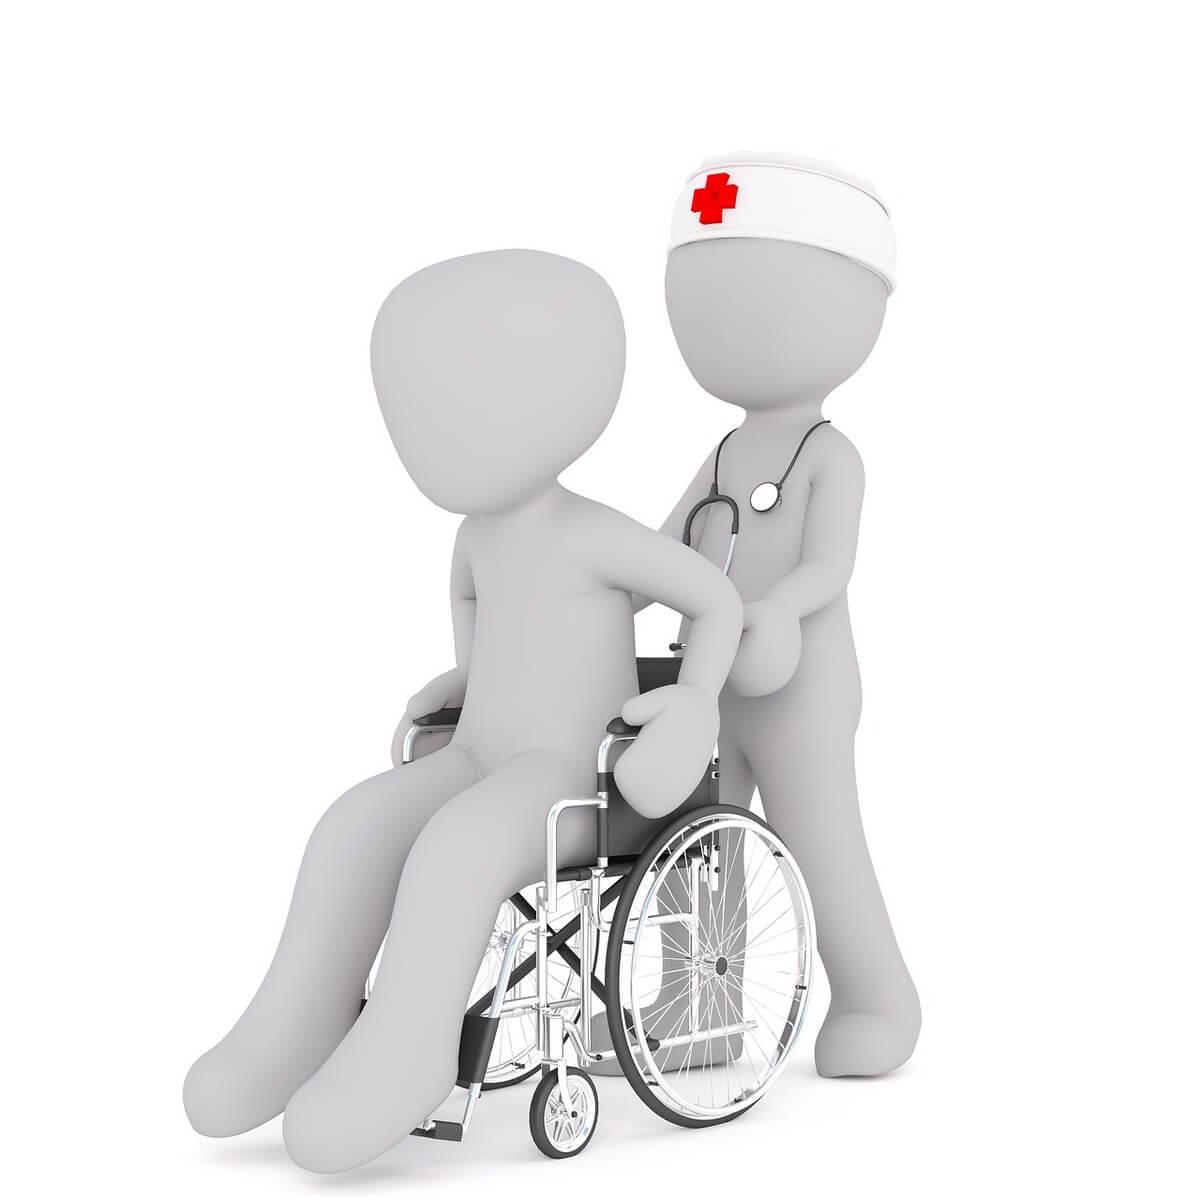 patient-care-1874747_1280